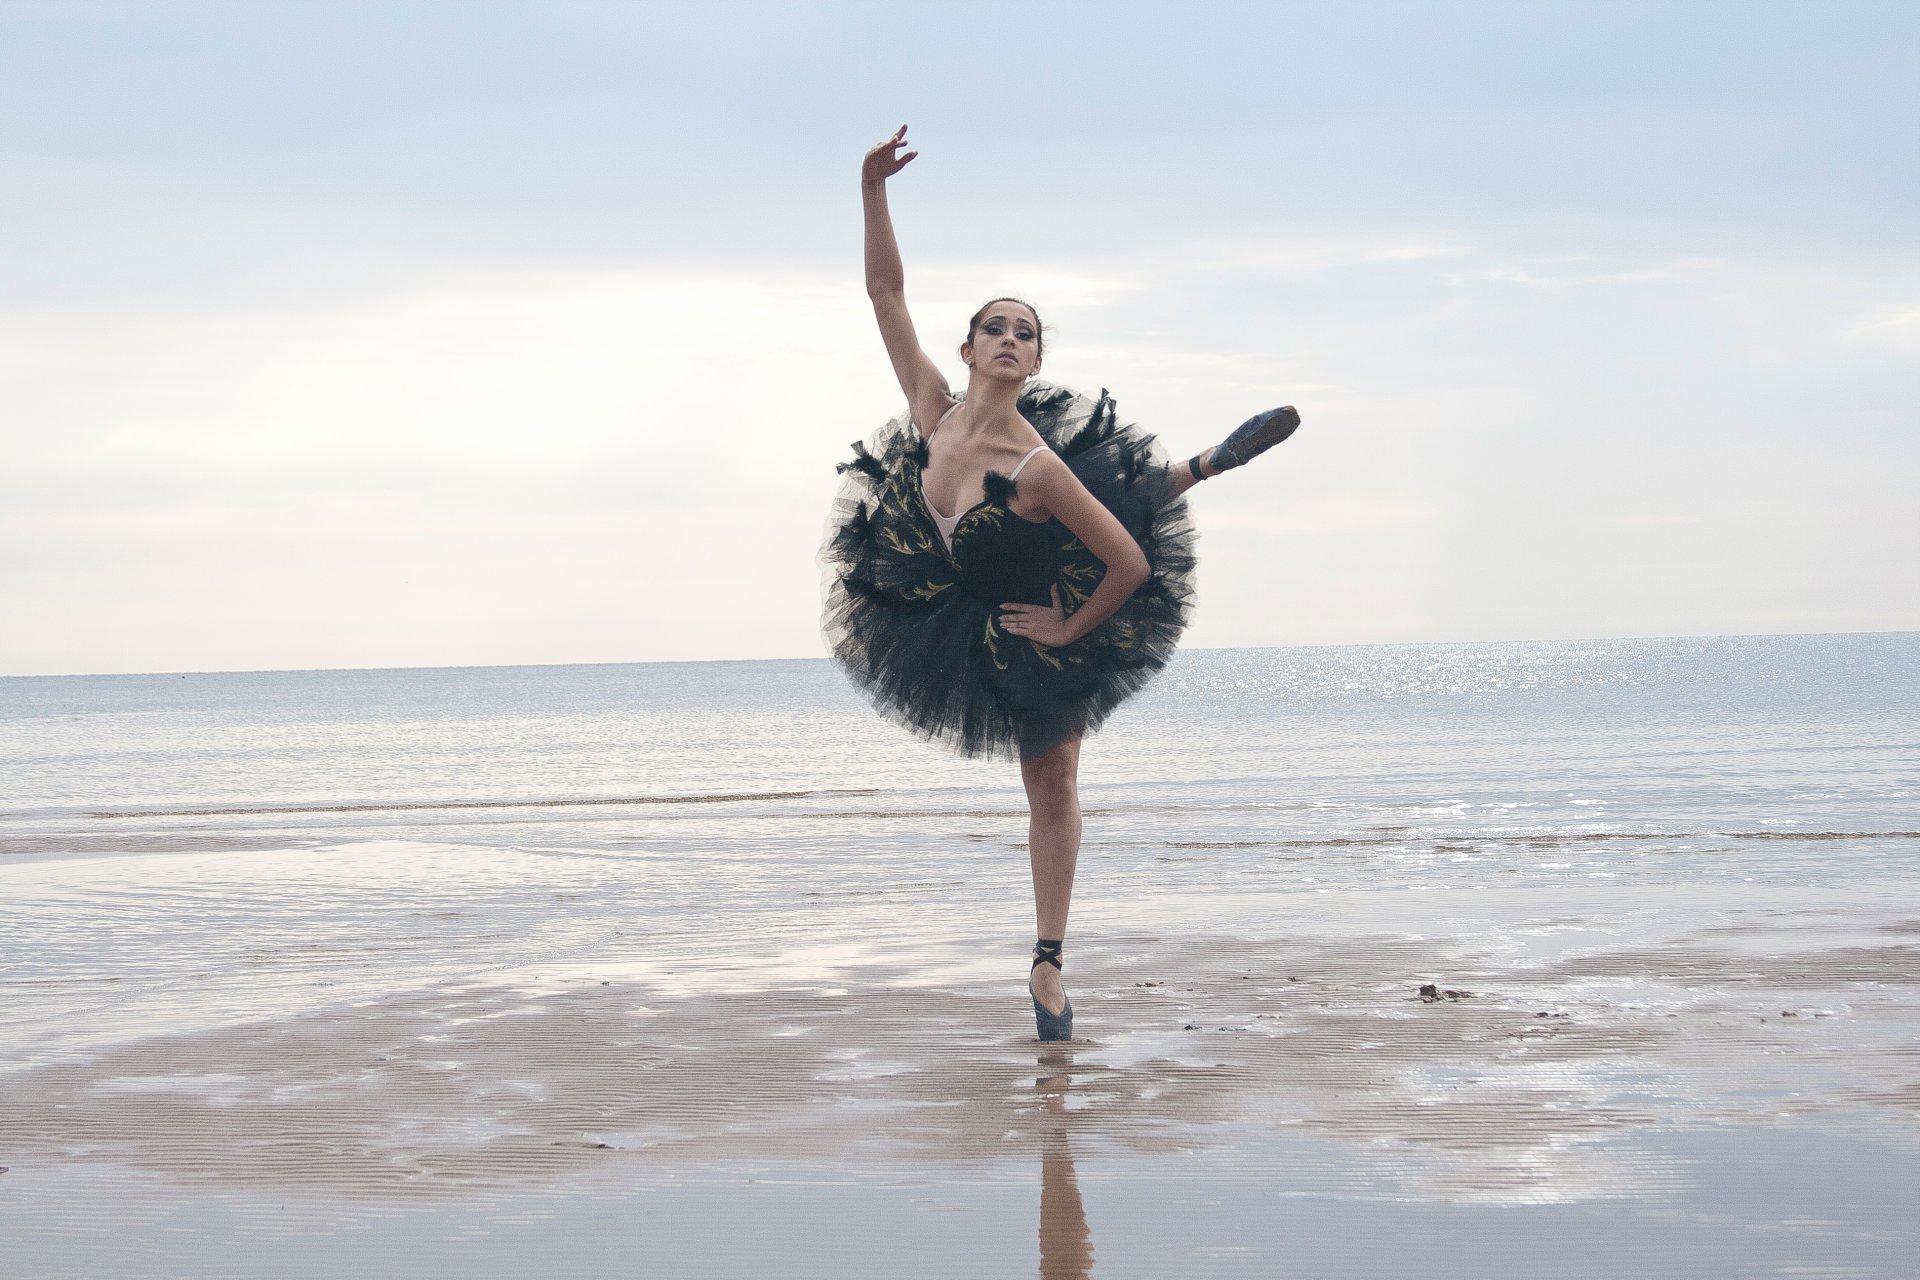 верю фото балерины высокого качества вас, если сообщите